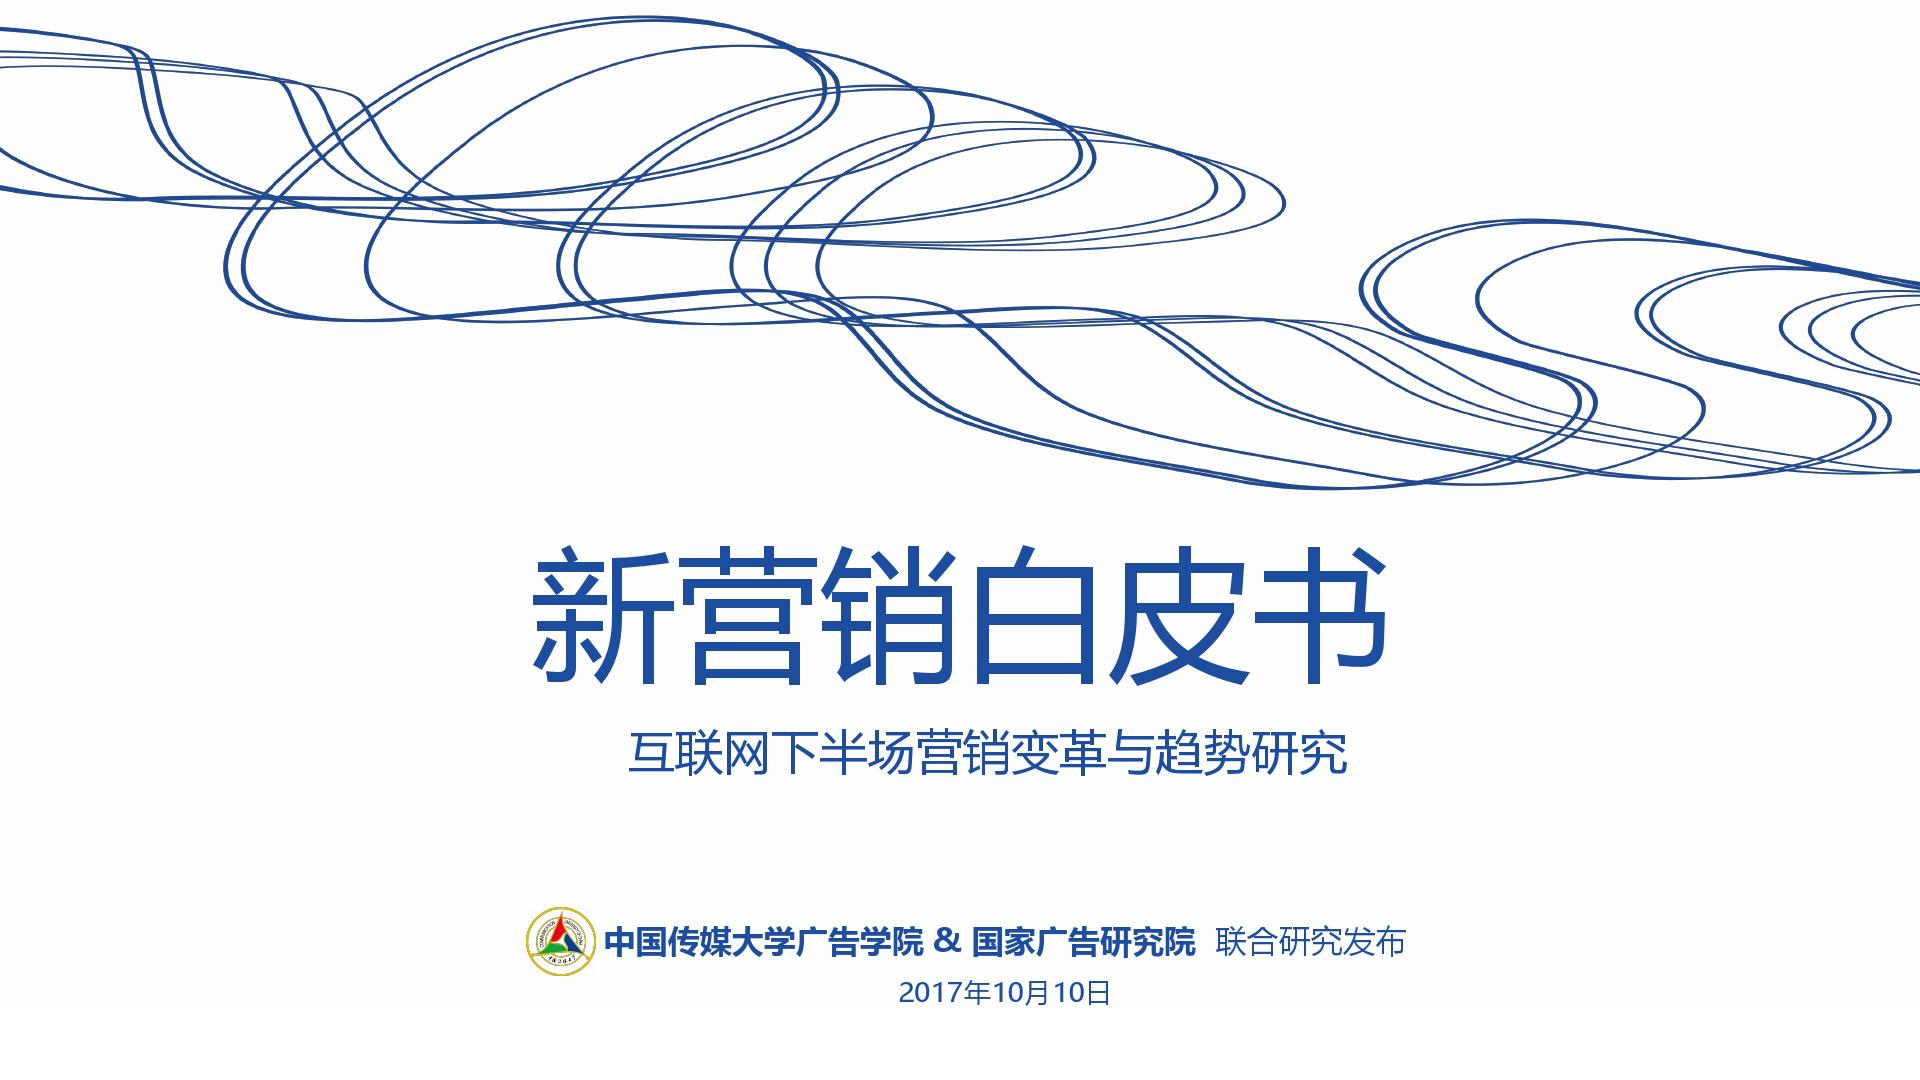 国家广告研究院-2017新营销白皮书